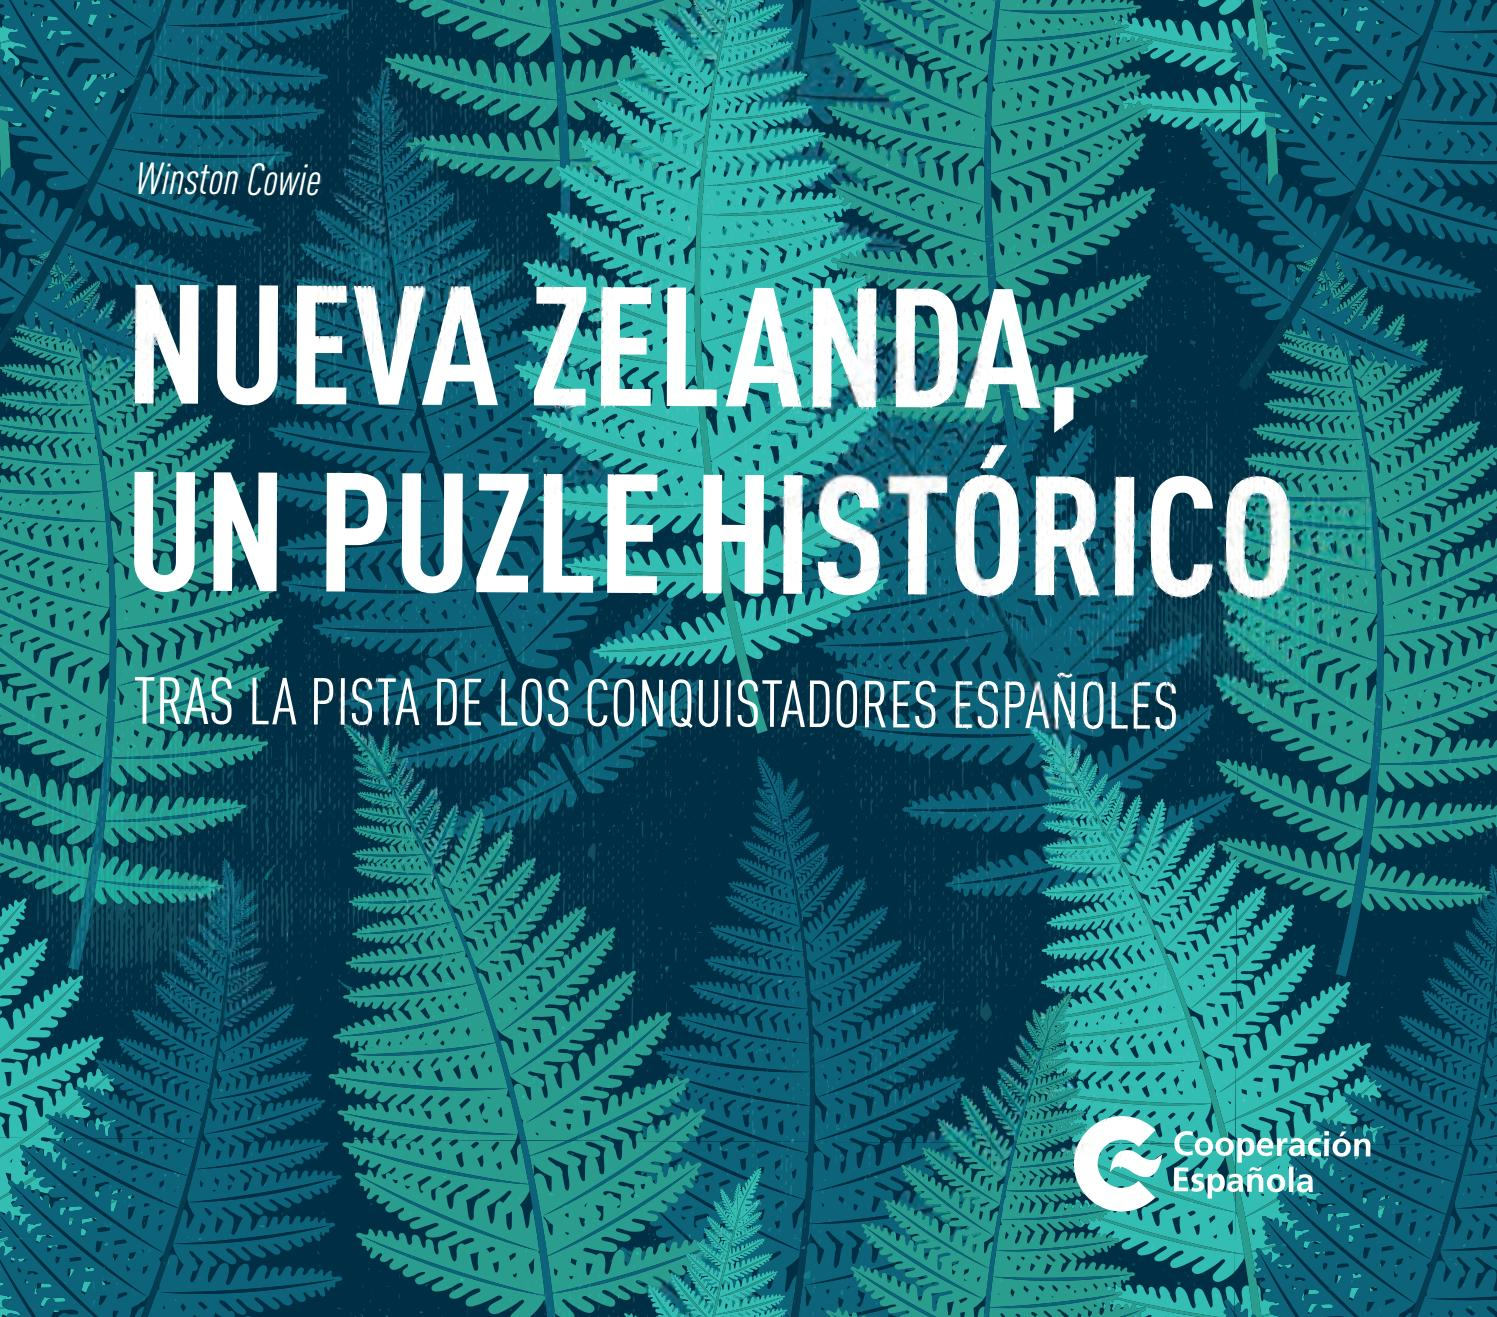 Nueva Zelanda, un puzle histórico by AECID PUBLICACIONES - issuu